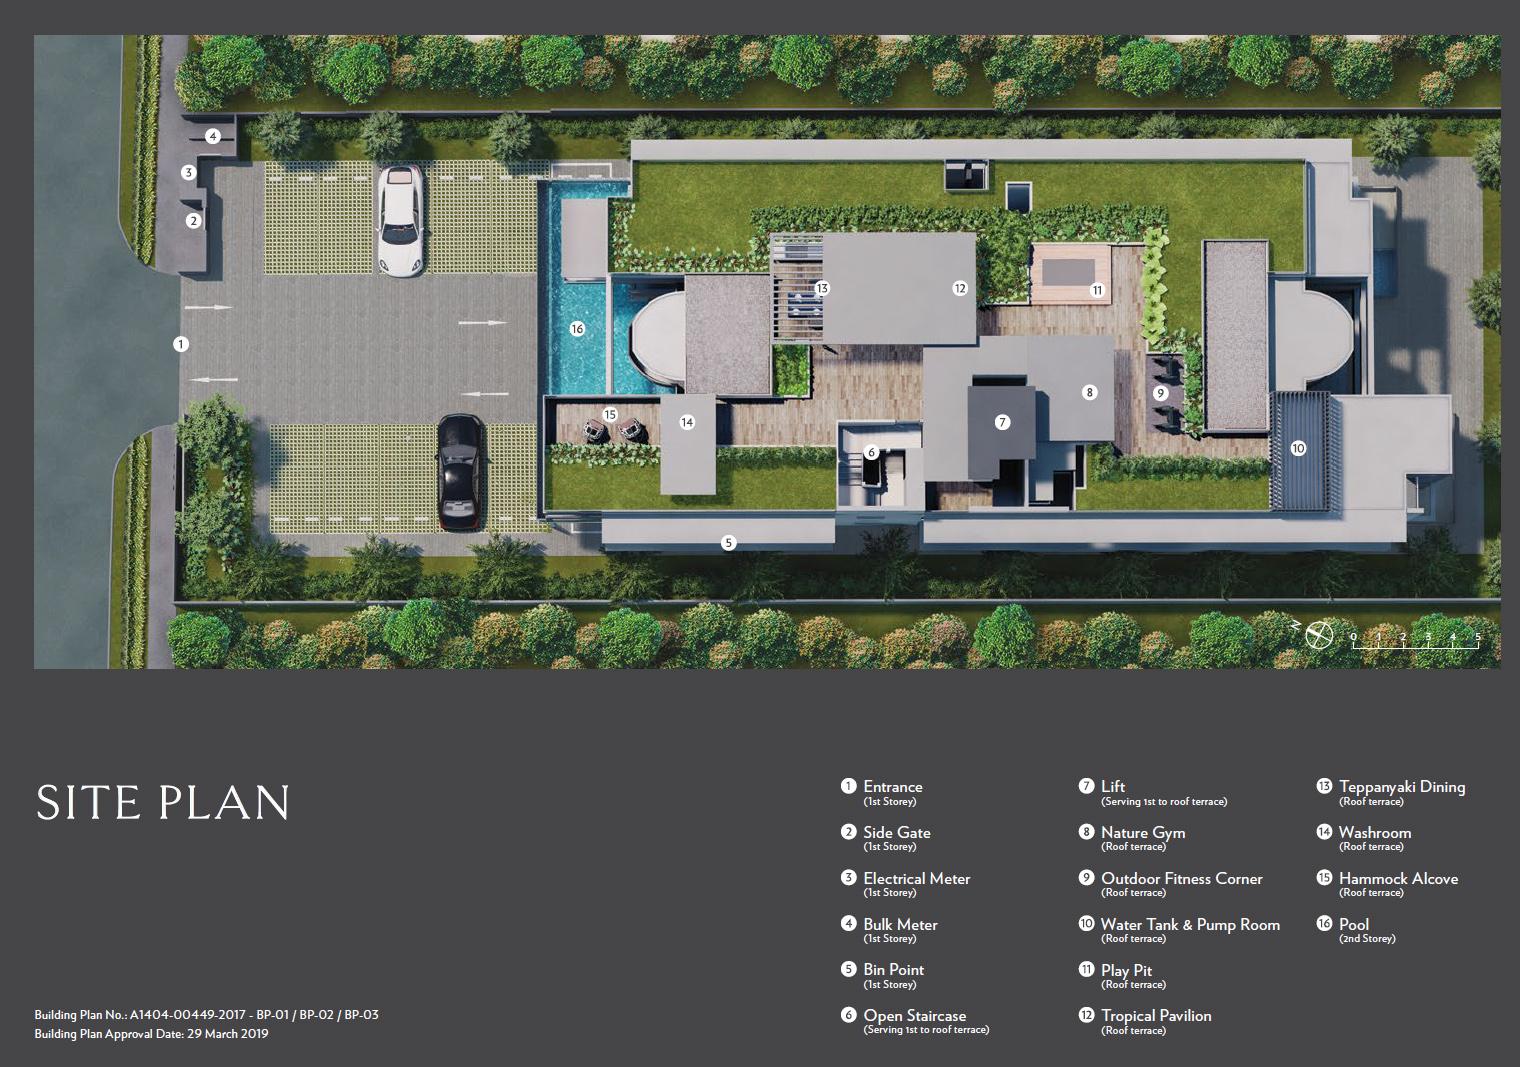 Seraya-Residencesnew-condo-singapore-site-plan